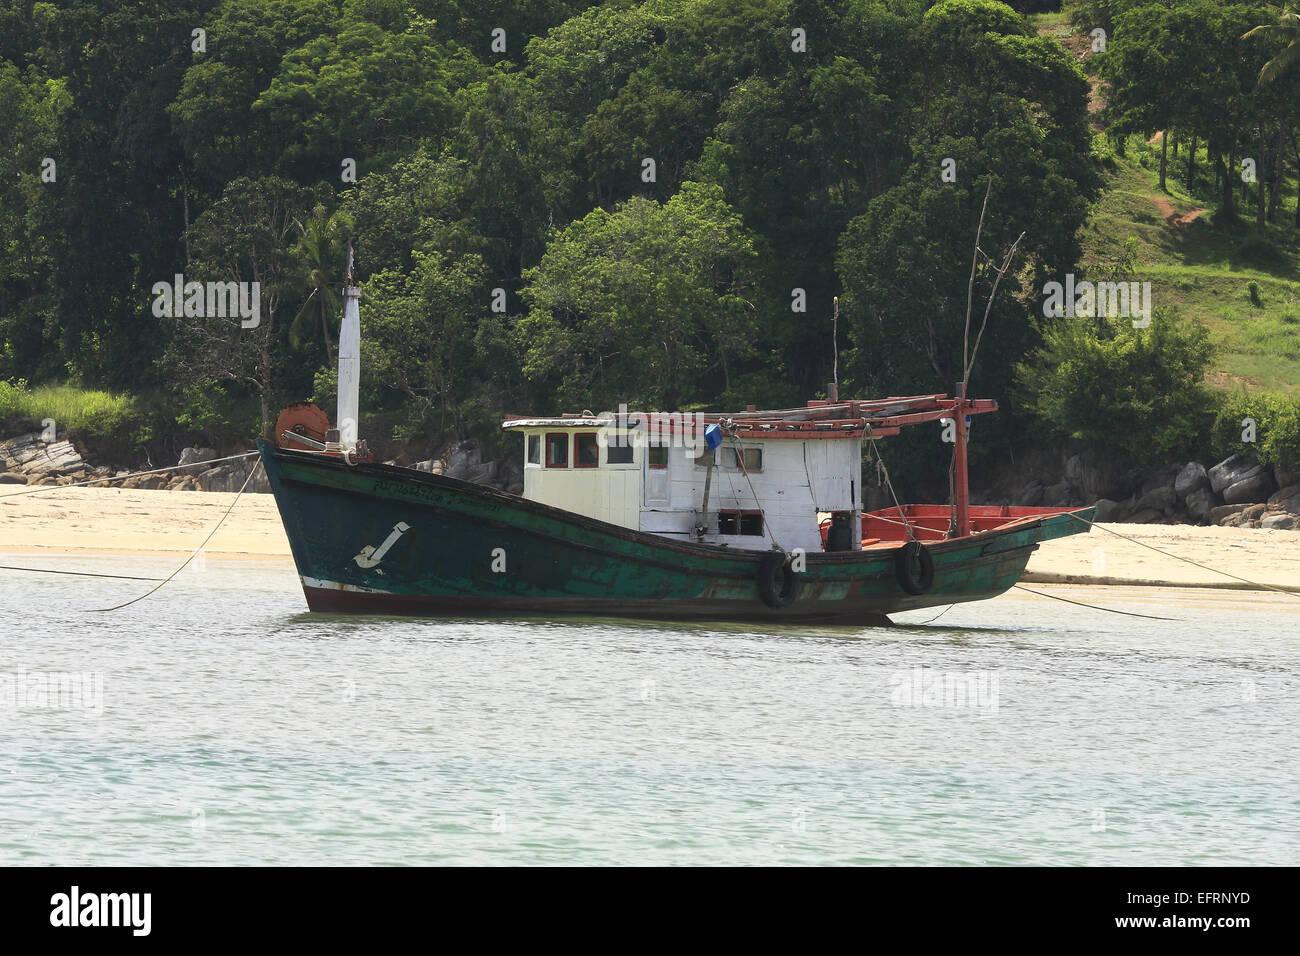 Pansea beach, Phuket, Thailand - Stock Image